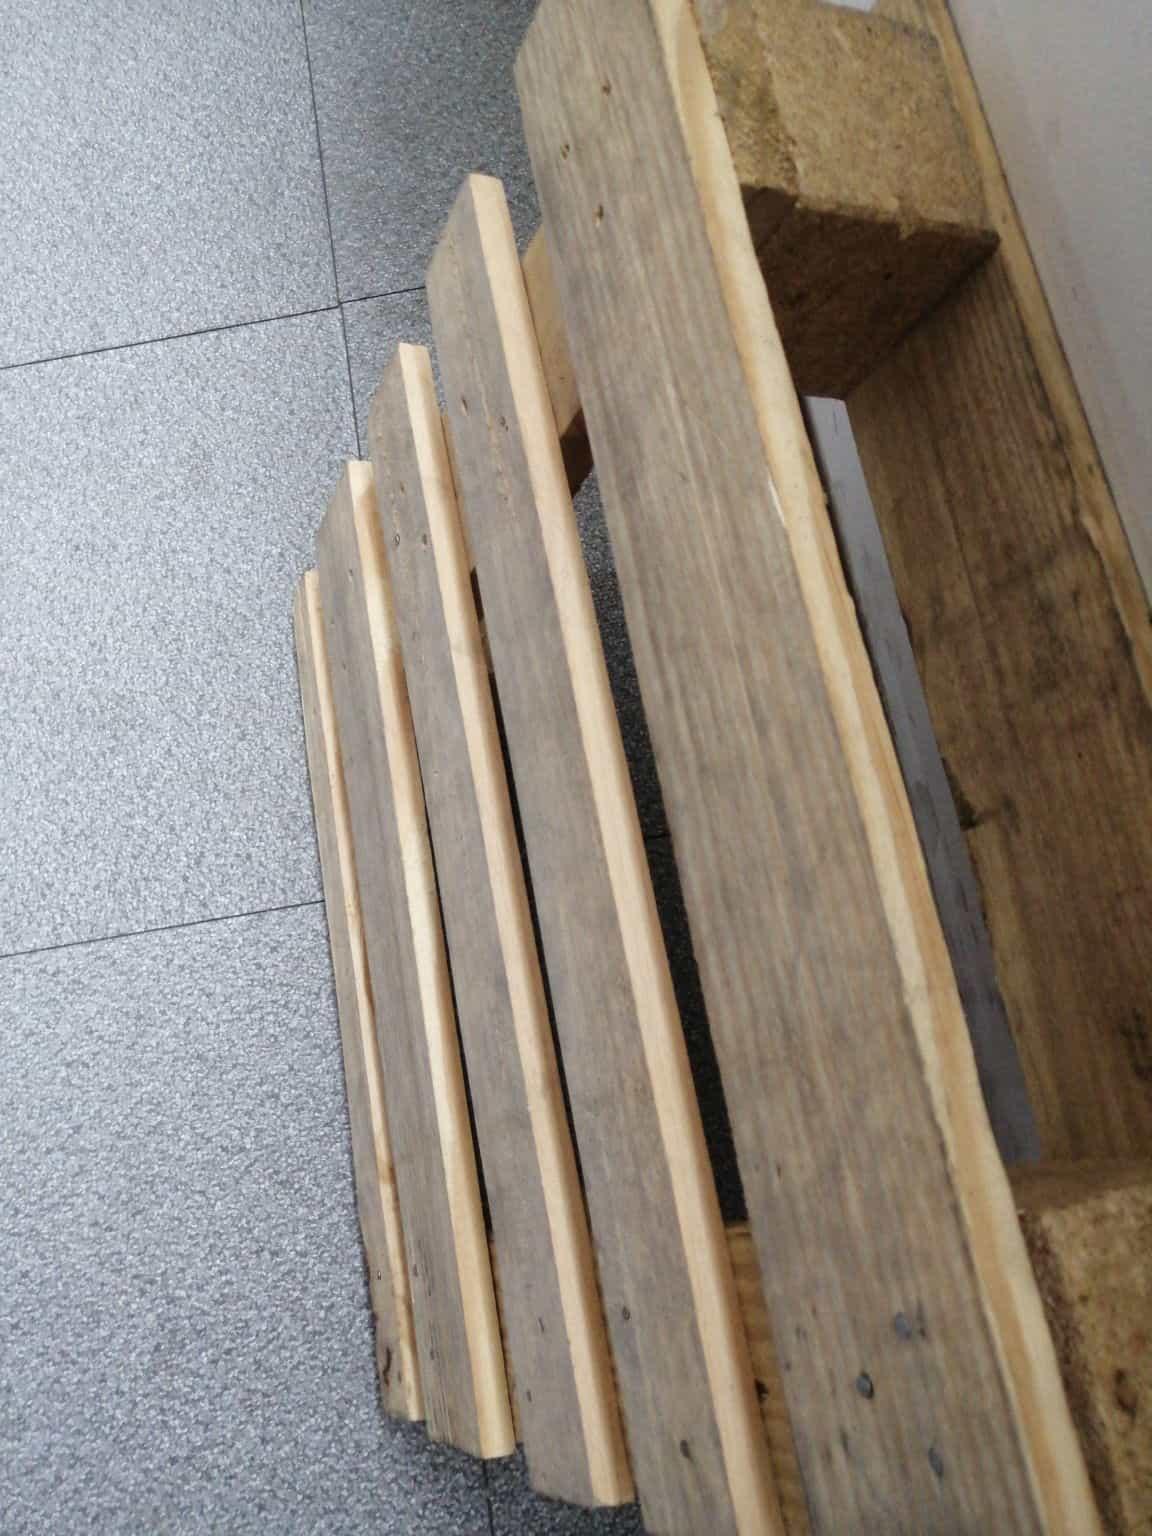 ?,☆┒㊁?头纸箱厂需要木托盘的货物有很多